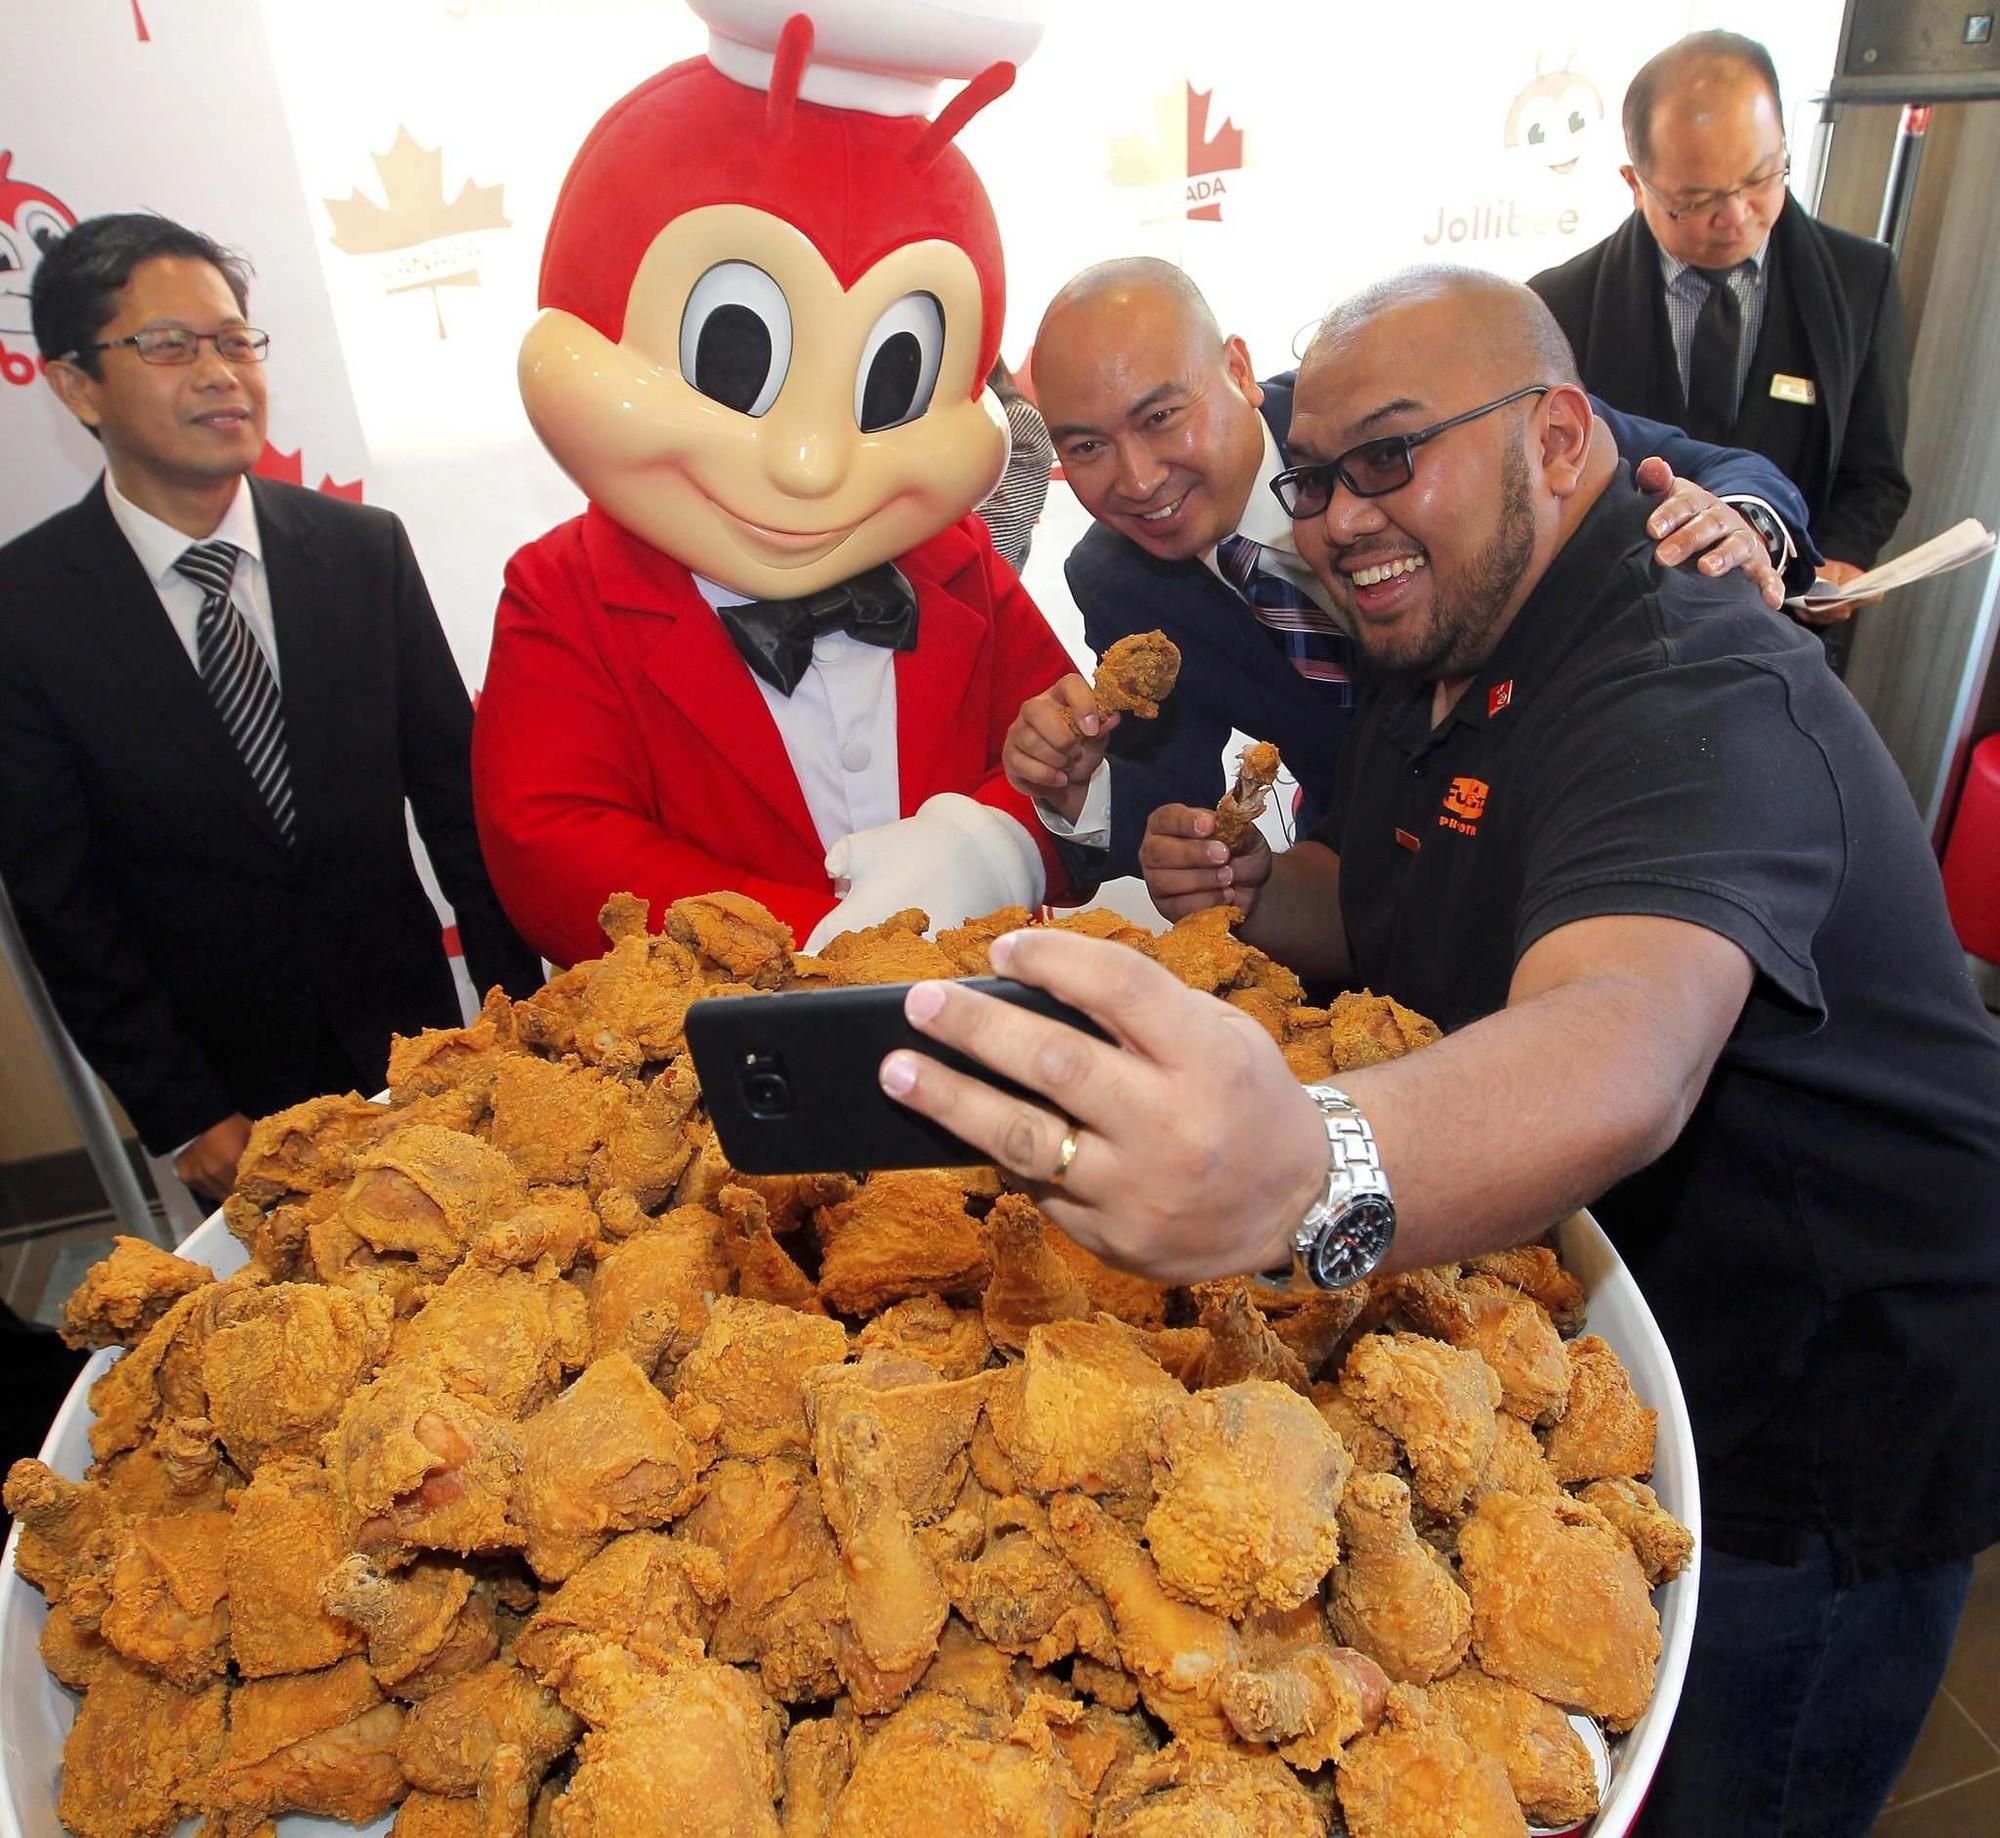 Câu chuyện về Jollibee - thủ phạm khiến đế chế McDonalds mất 40 năm vẫn không thể đứng số 1 tại Philippines - Ảnh 6.